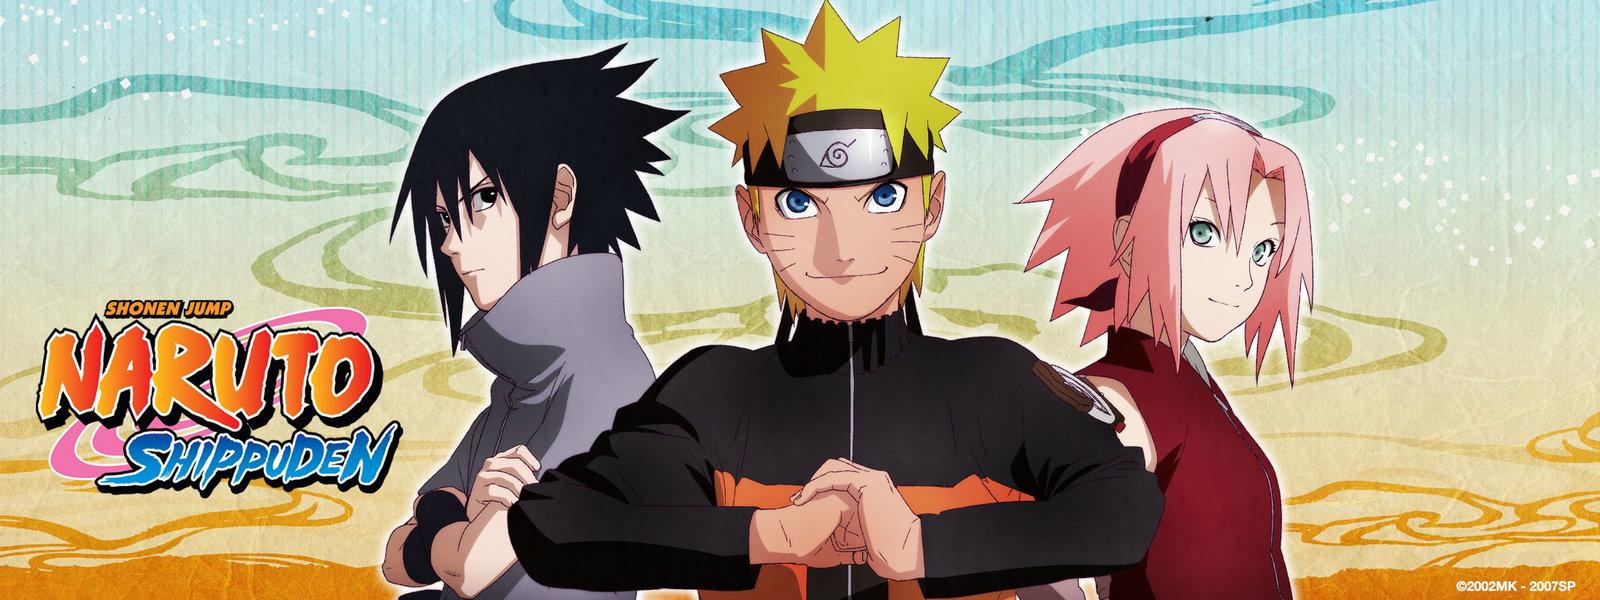 Naruto Shippuden Episode 1